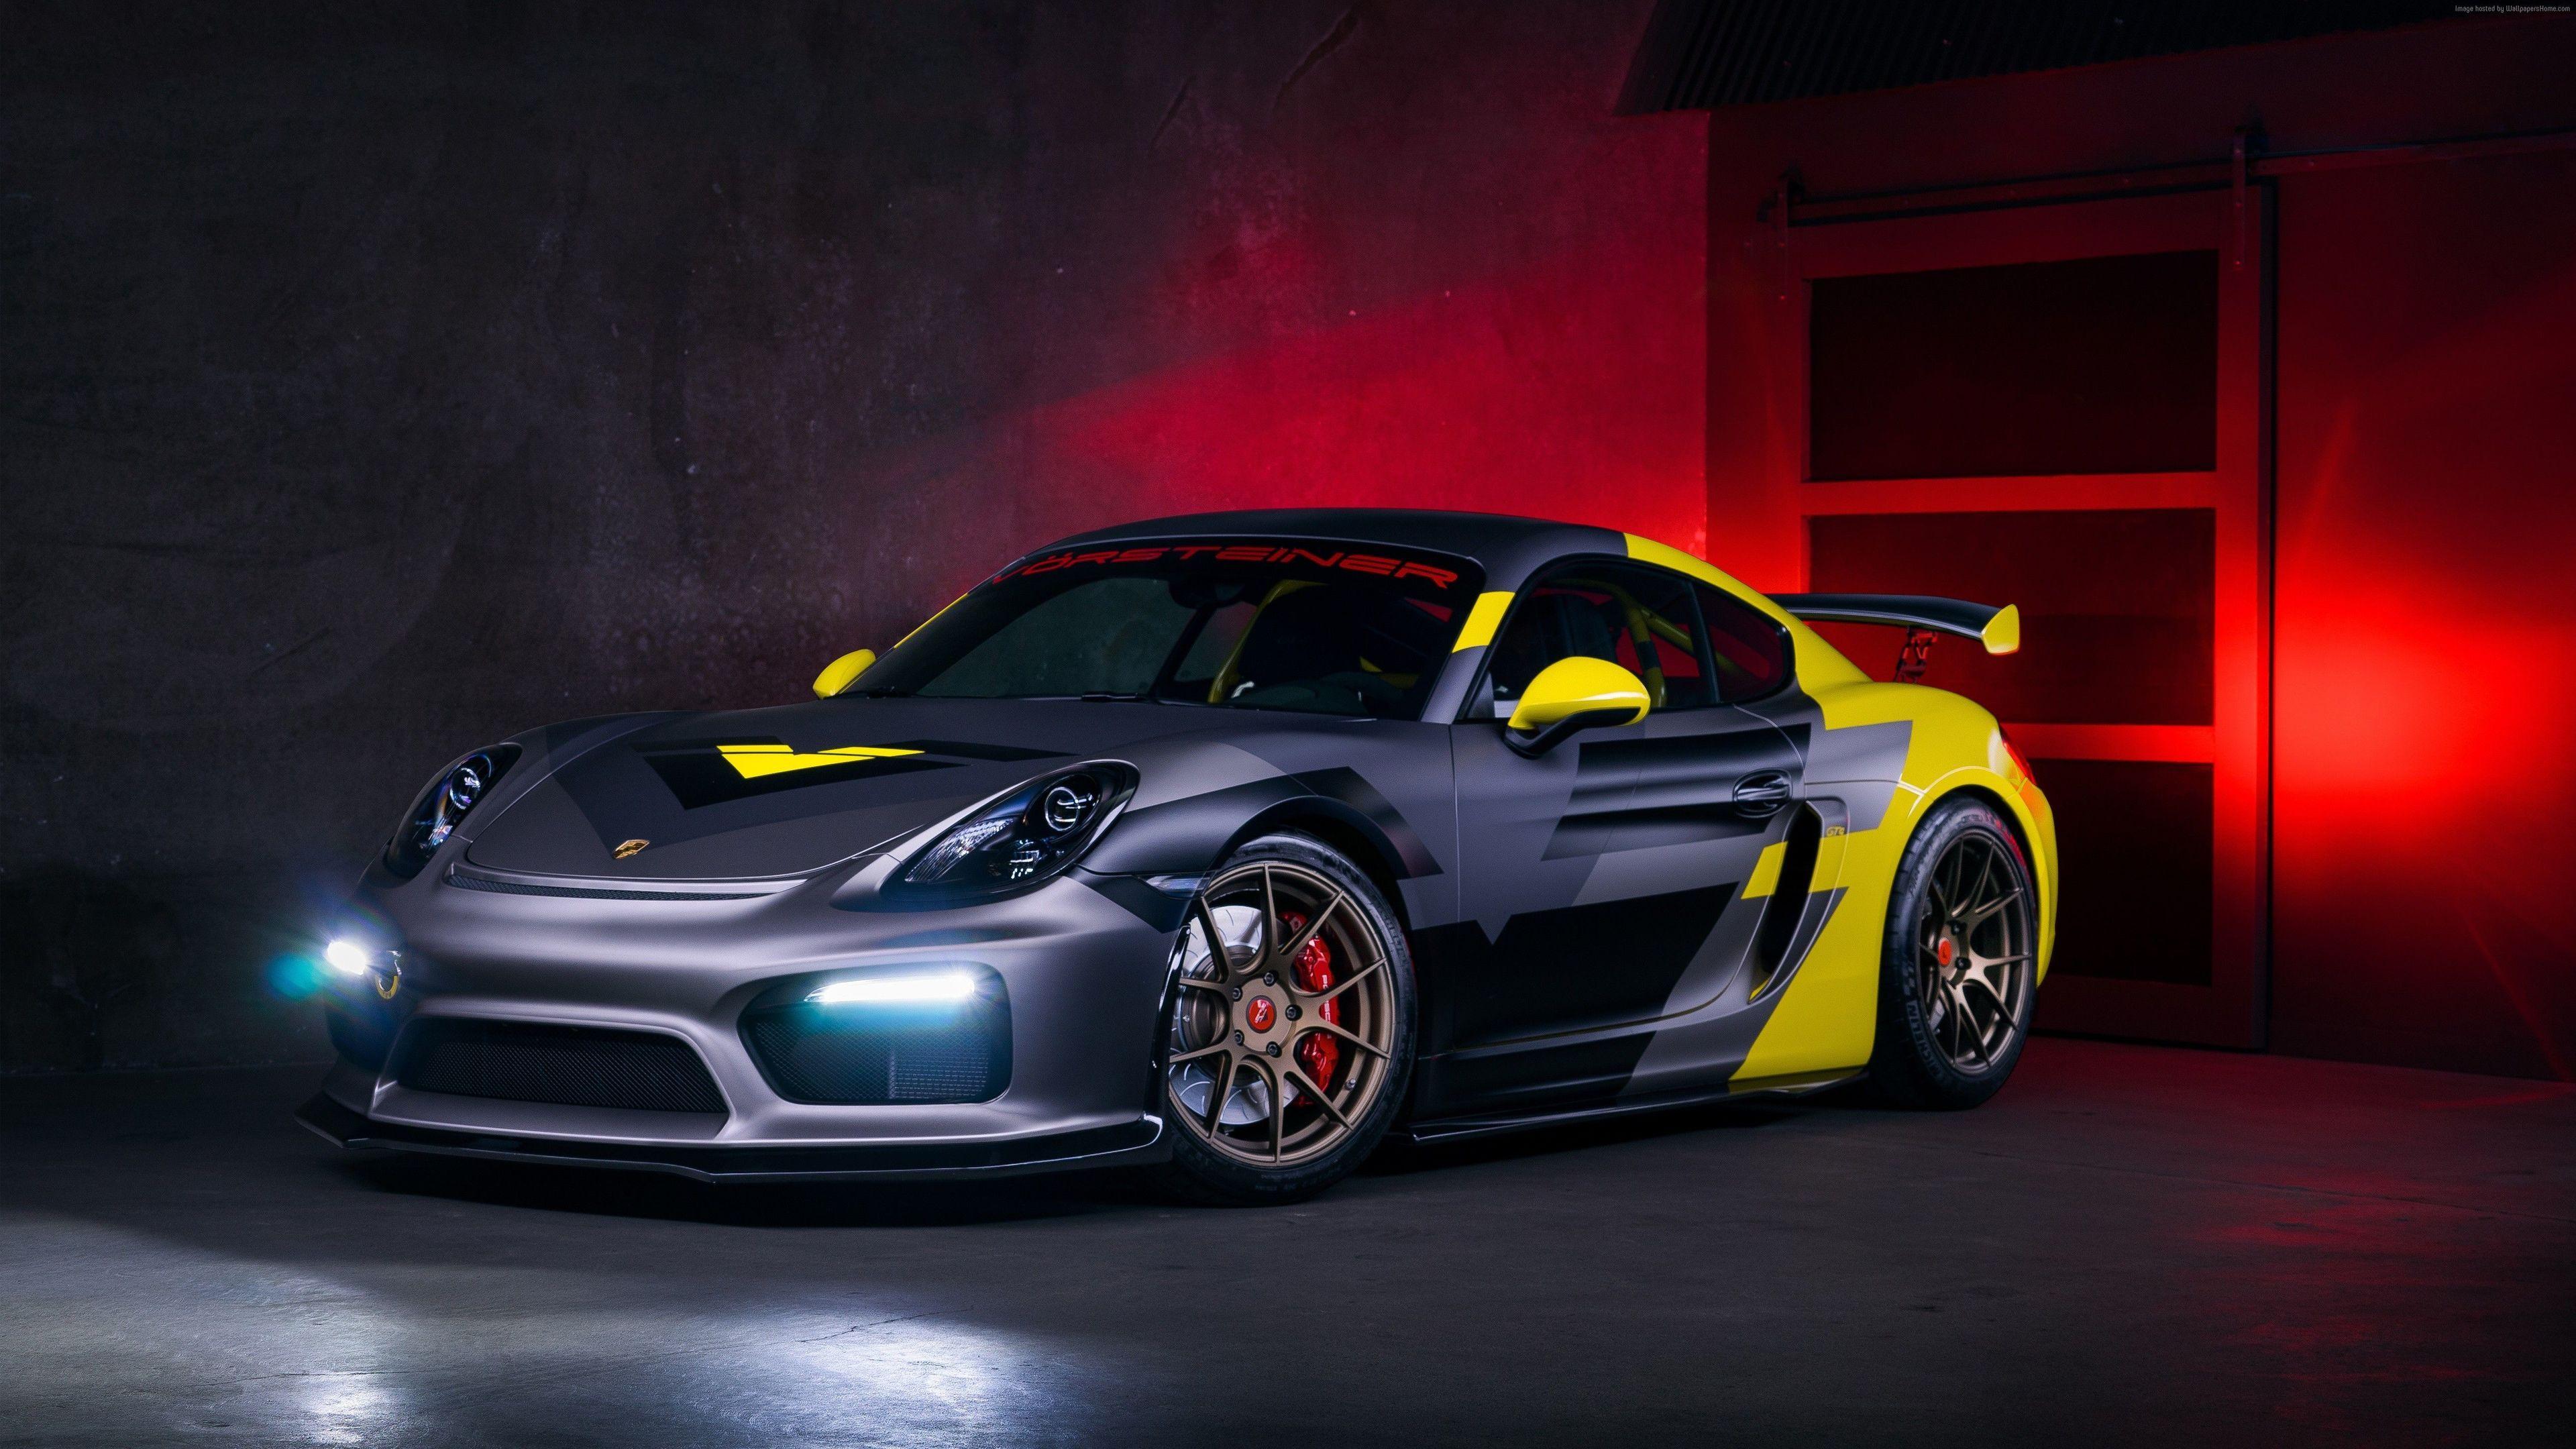 Vorsteiner Porsche Cayman Gt Porsche Wallpapers Porsche Cayman Wallpapers Hd Wallpapers Cars Wallpapers 5k Wallpapers 4k Porsche Gt4 Cayman Gt4 Sport Cars